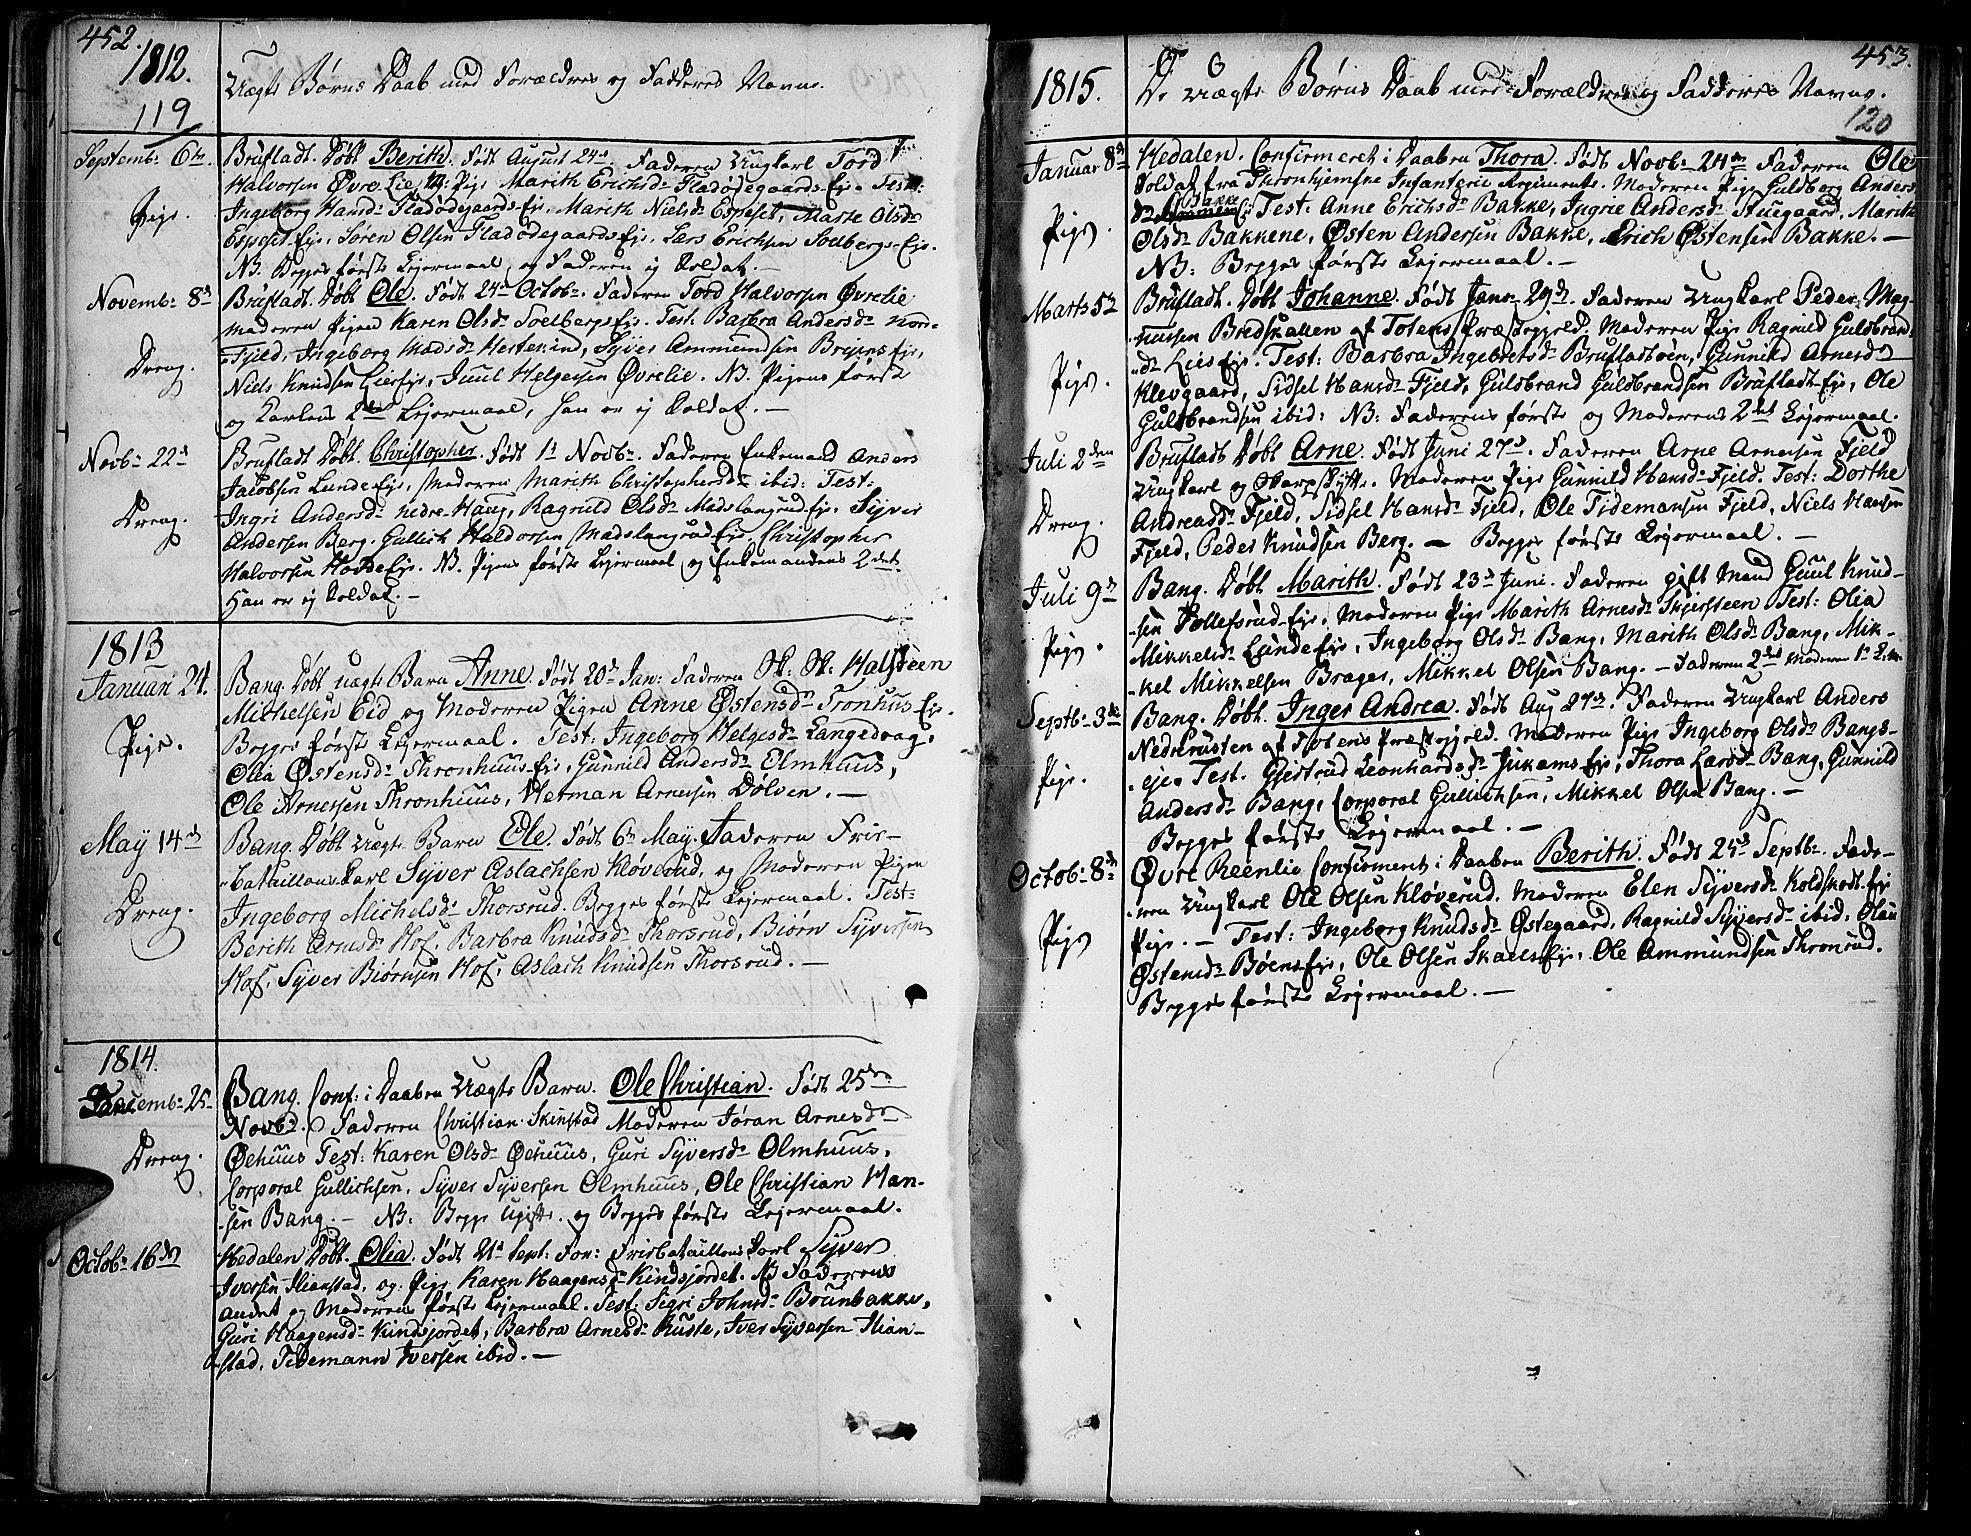 SAH, Sør-Aurdal prestekontor, Ministerialbok nr. 1, 1807-1815, s. 119-120